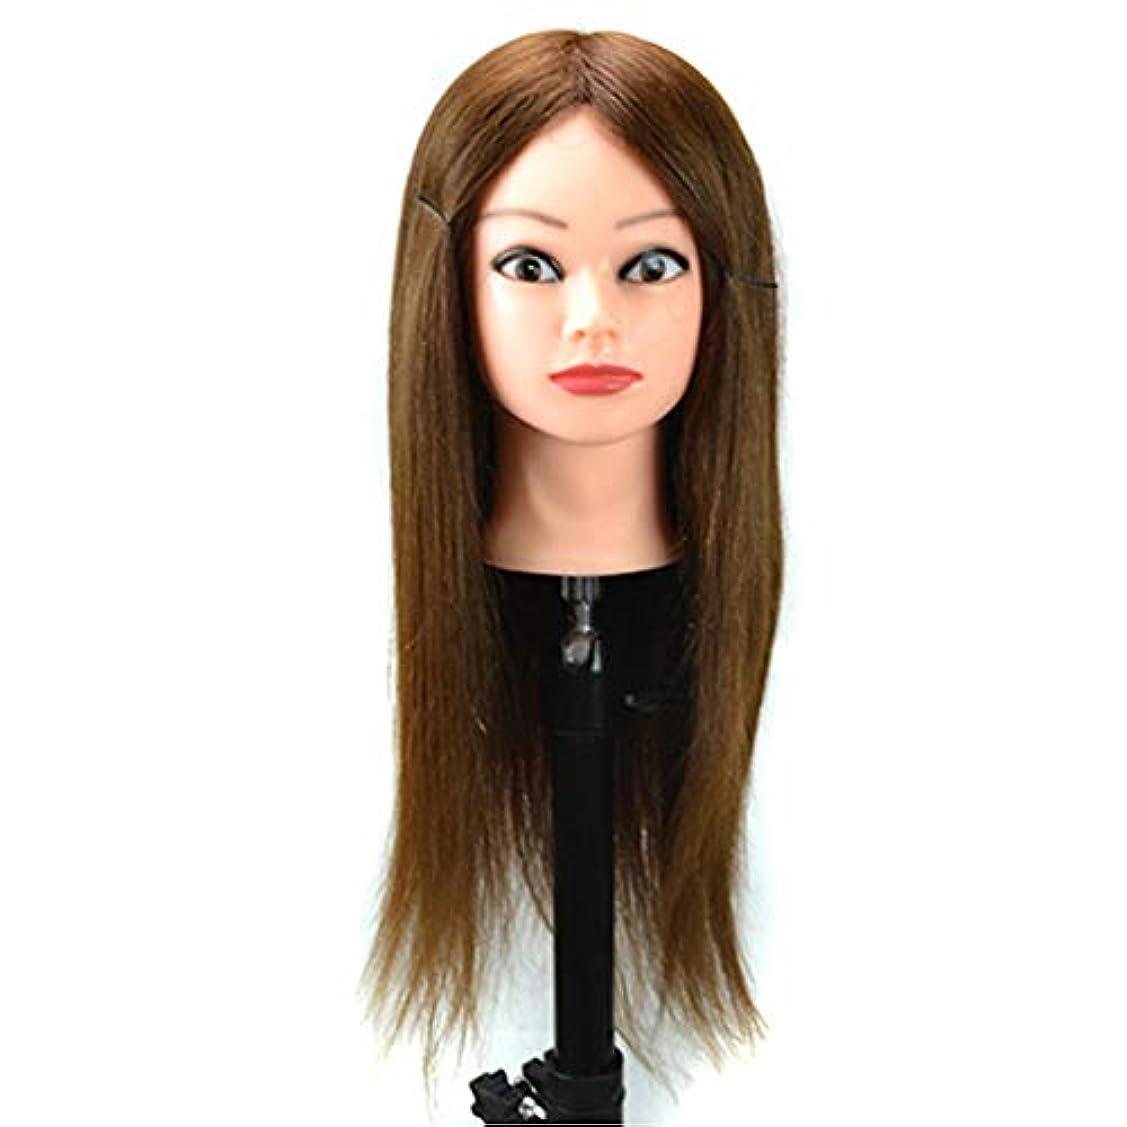 メーカー原稿批評完全な毛は小さいブラケットが付いている熱いロールマネキンの頭部のヘアーサロンのトリミングの頭部の花嫁の形の毛の訓練の頭部である場合もあります,Brown